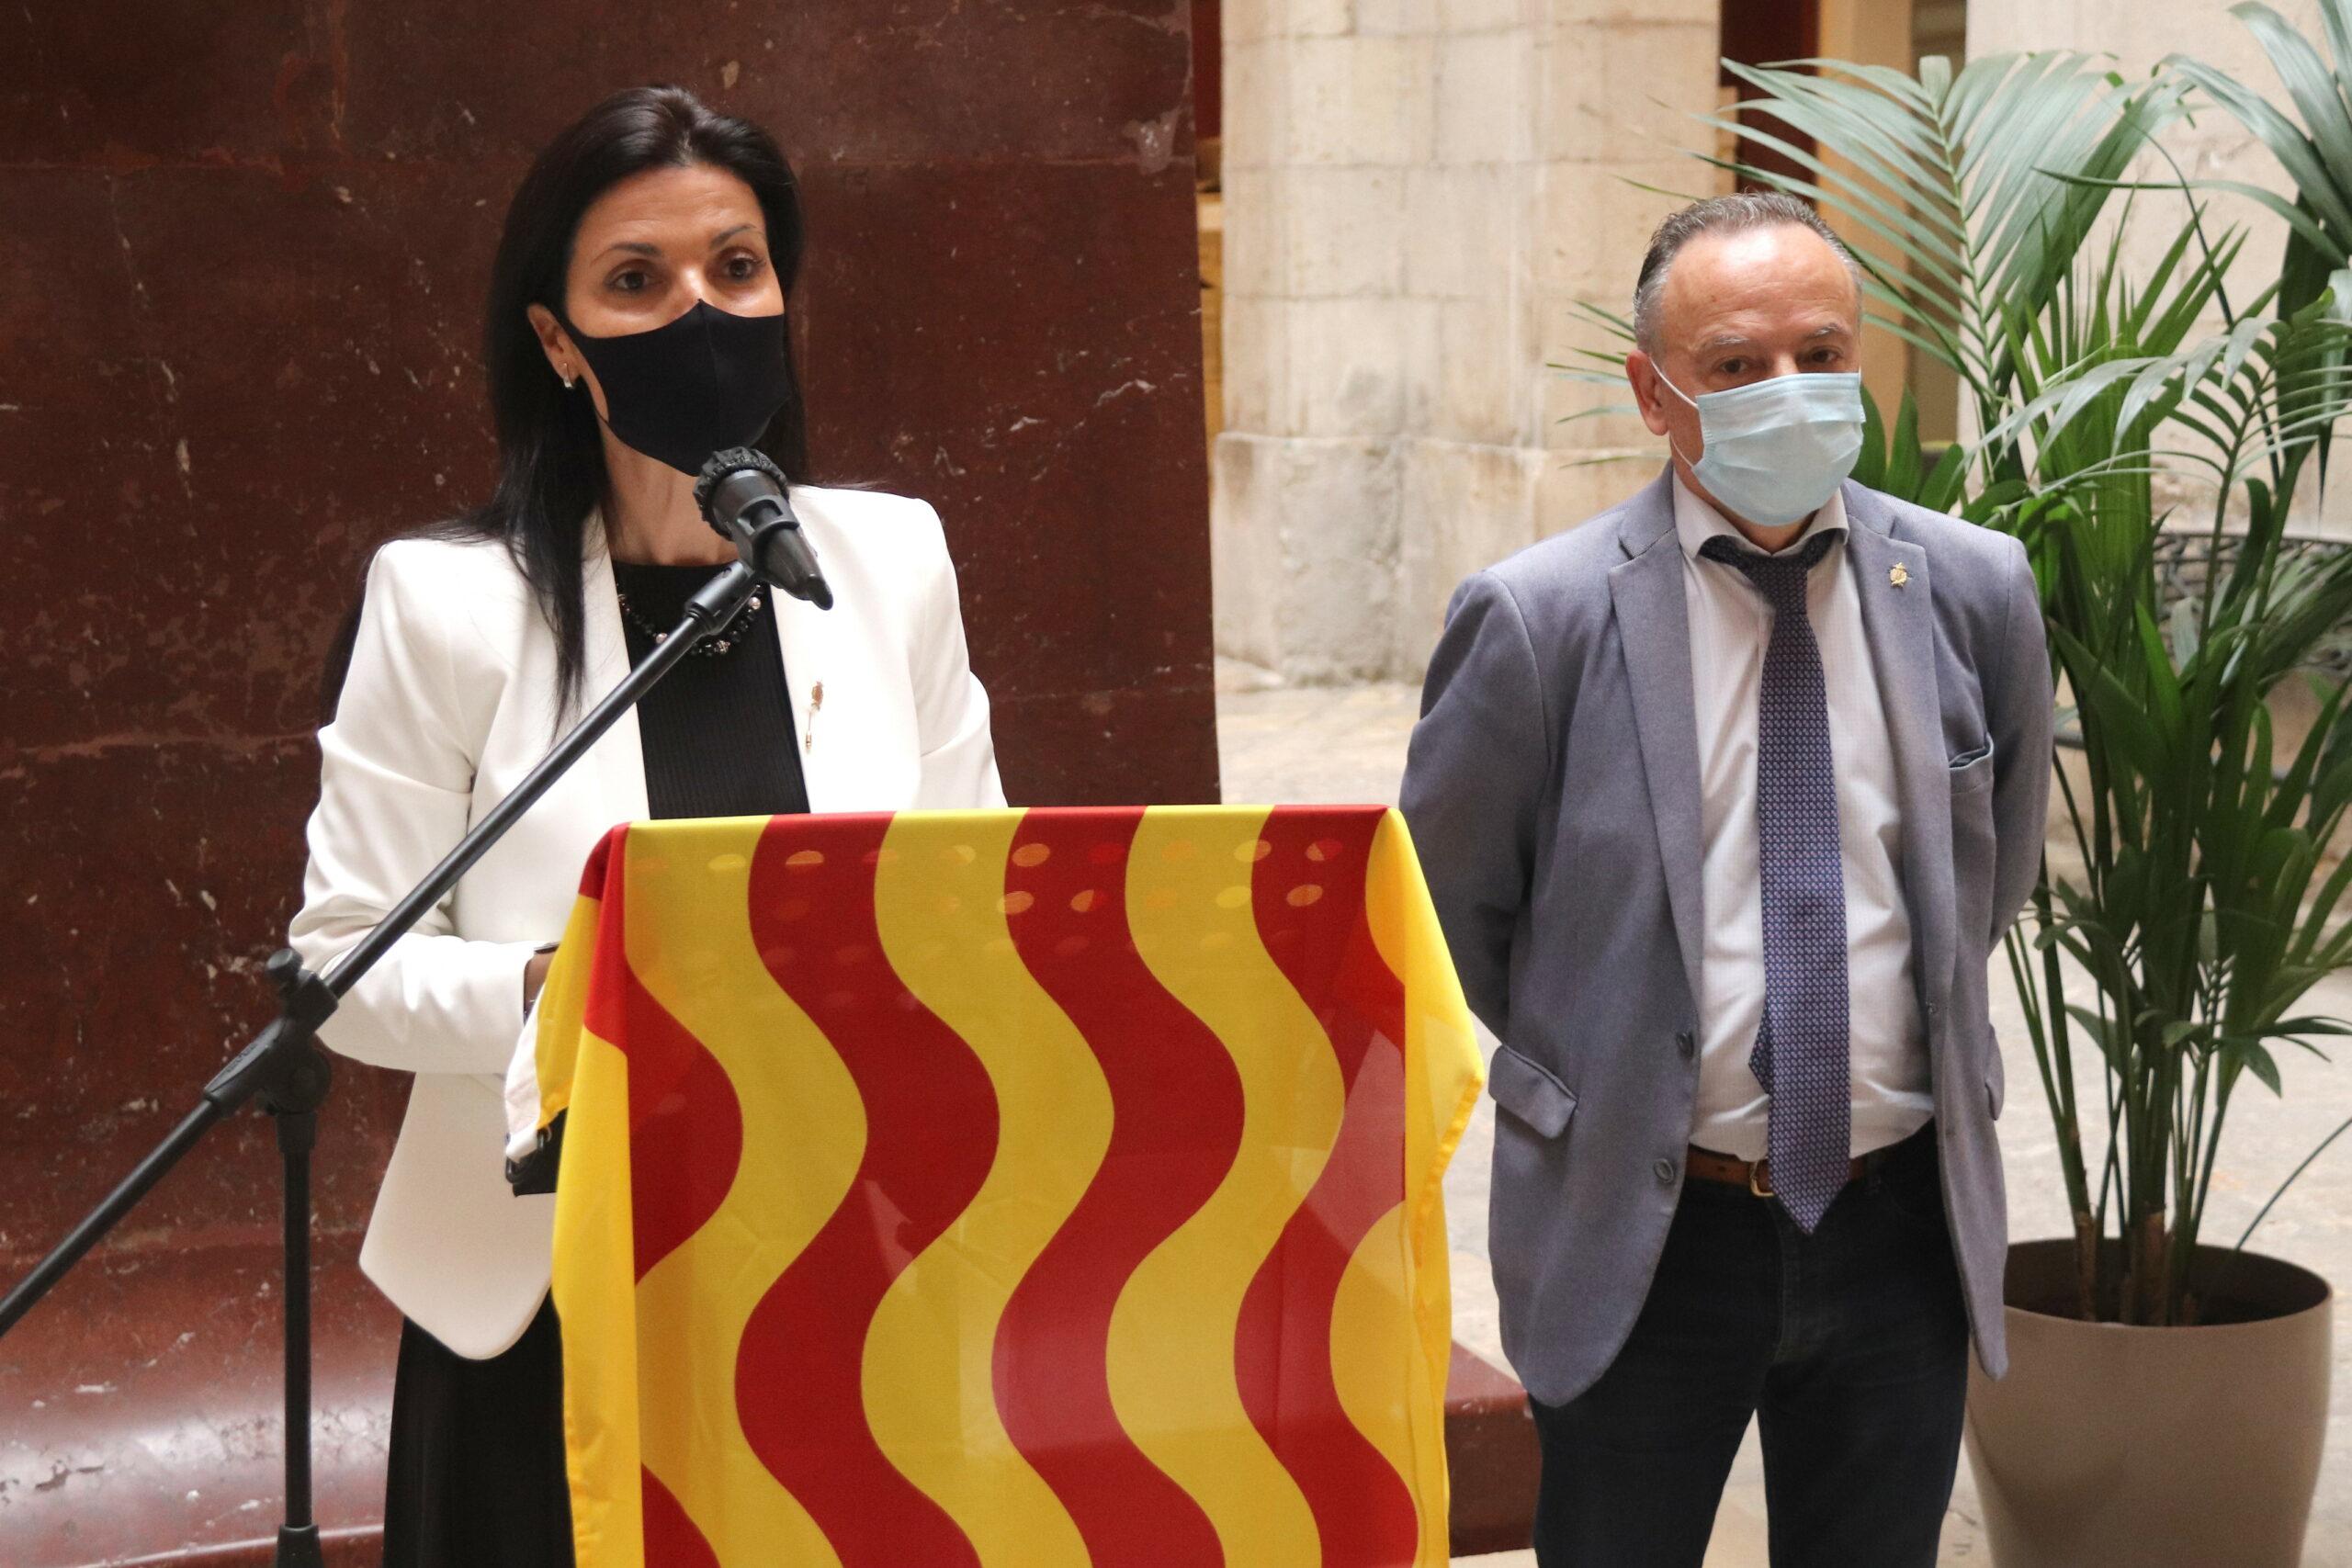 Els consellers de Tarragona Sonia Orts i José Luís Calderón, durant la roda de premsa on han anunciat que deixen Ciutadans /ACN